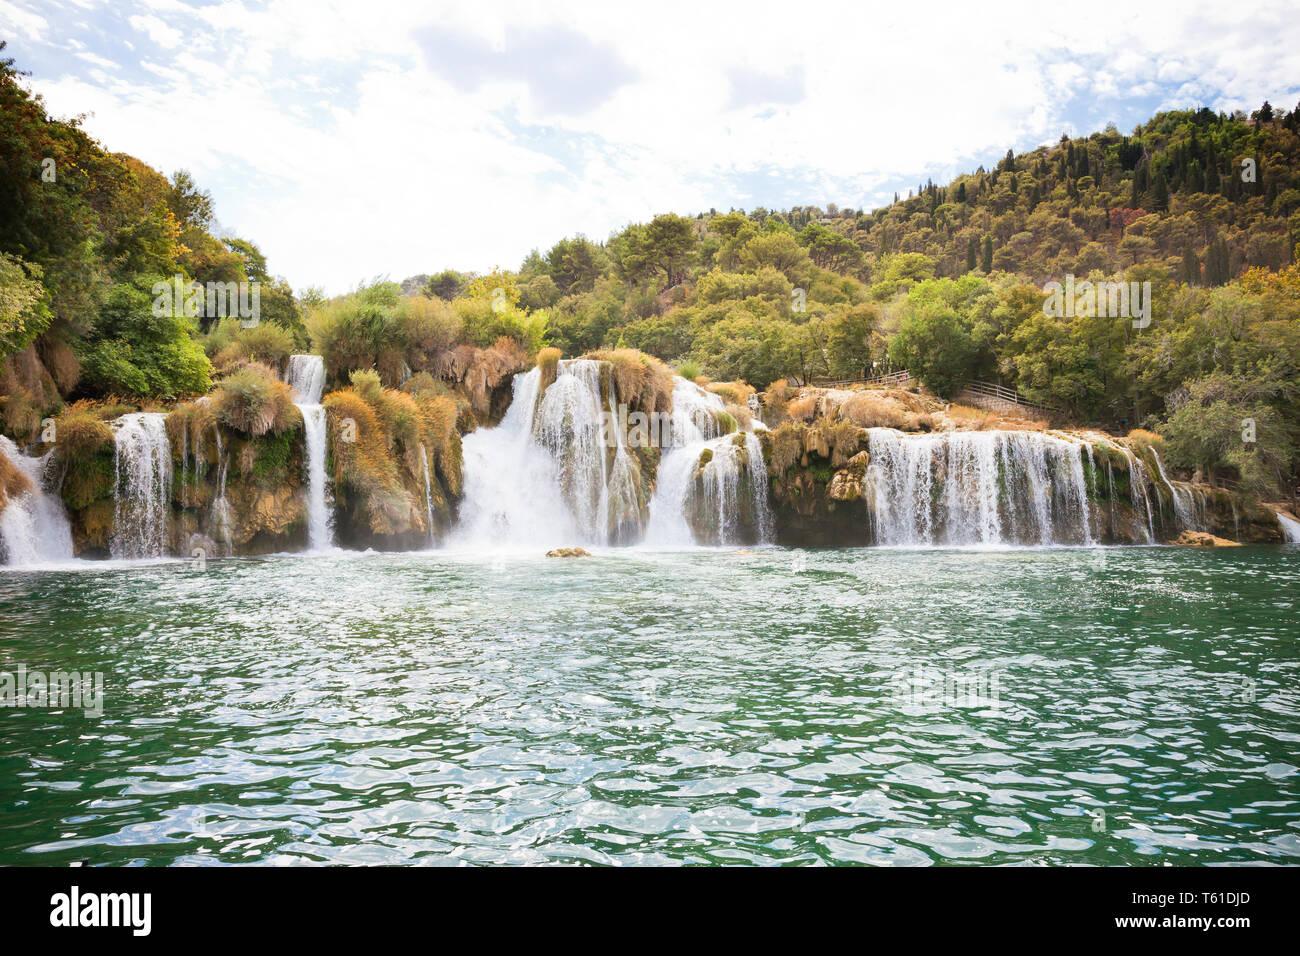 Krka, Sibenik, Kroatien, Europa - genießen Sie den beruhigenden Wasserfälle von Krka Nationalpark Stockfoto